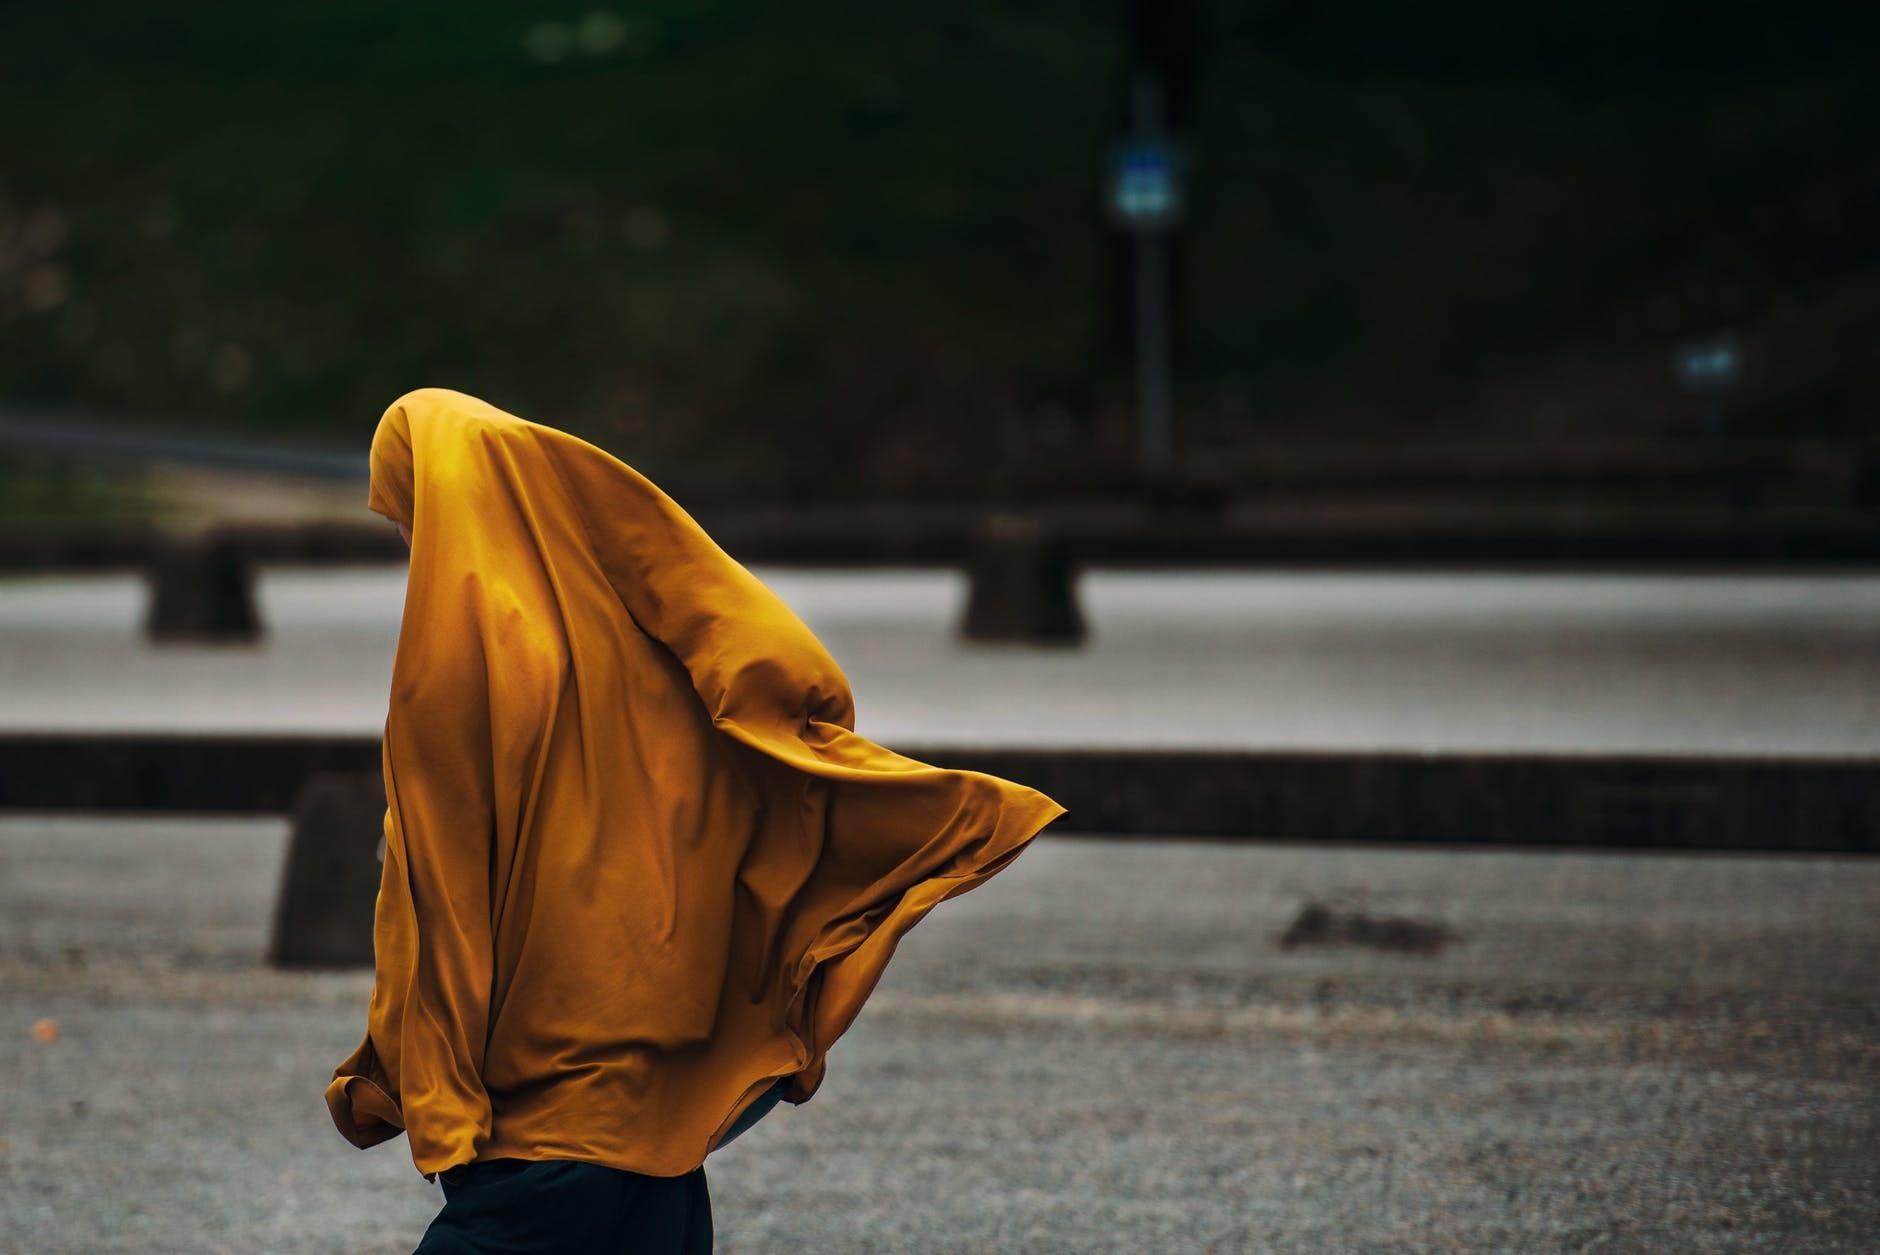 hijab muslim street woman